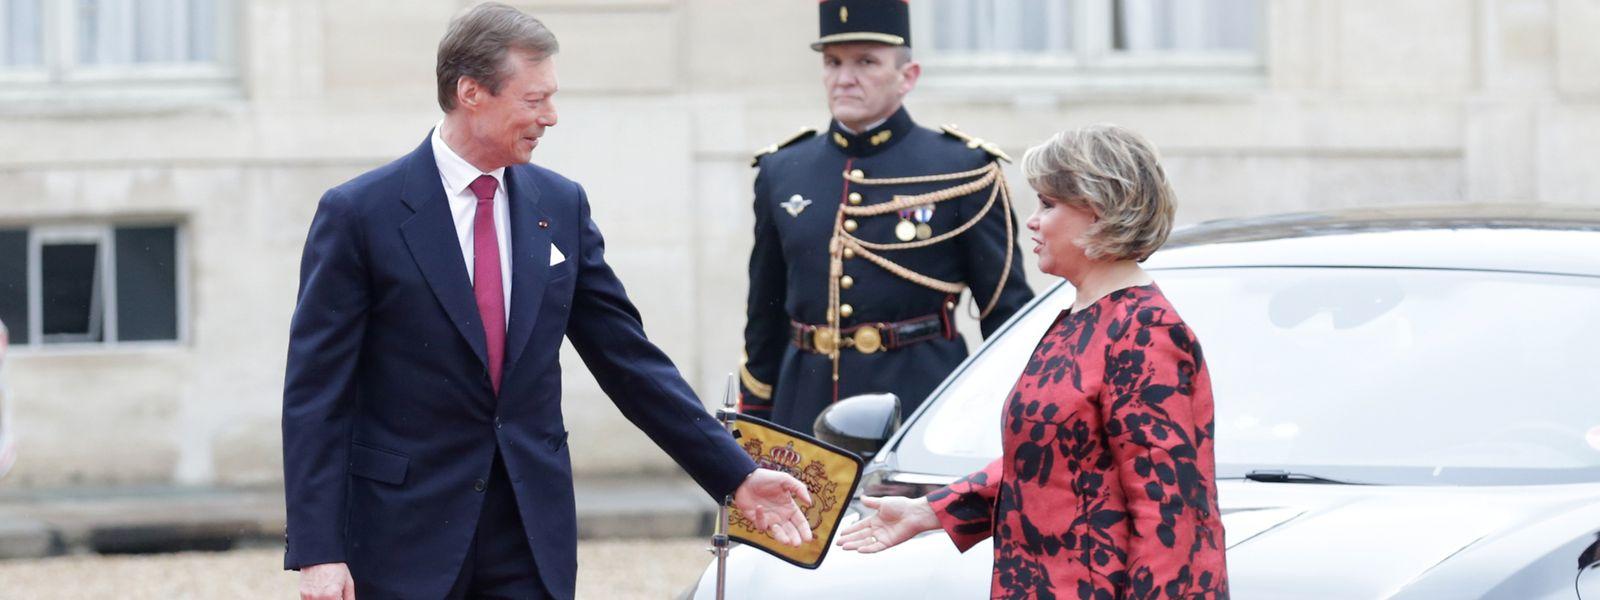 Le grand-duc Henri et la grande-duchesse Maria Teresa lors de leur visite au Palais de l'Elysée le 19 mars 2018.